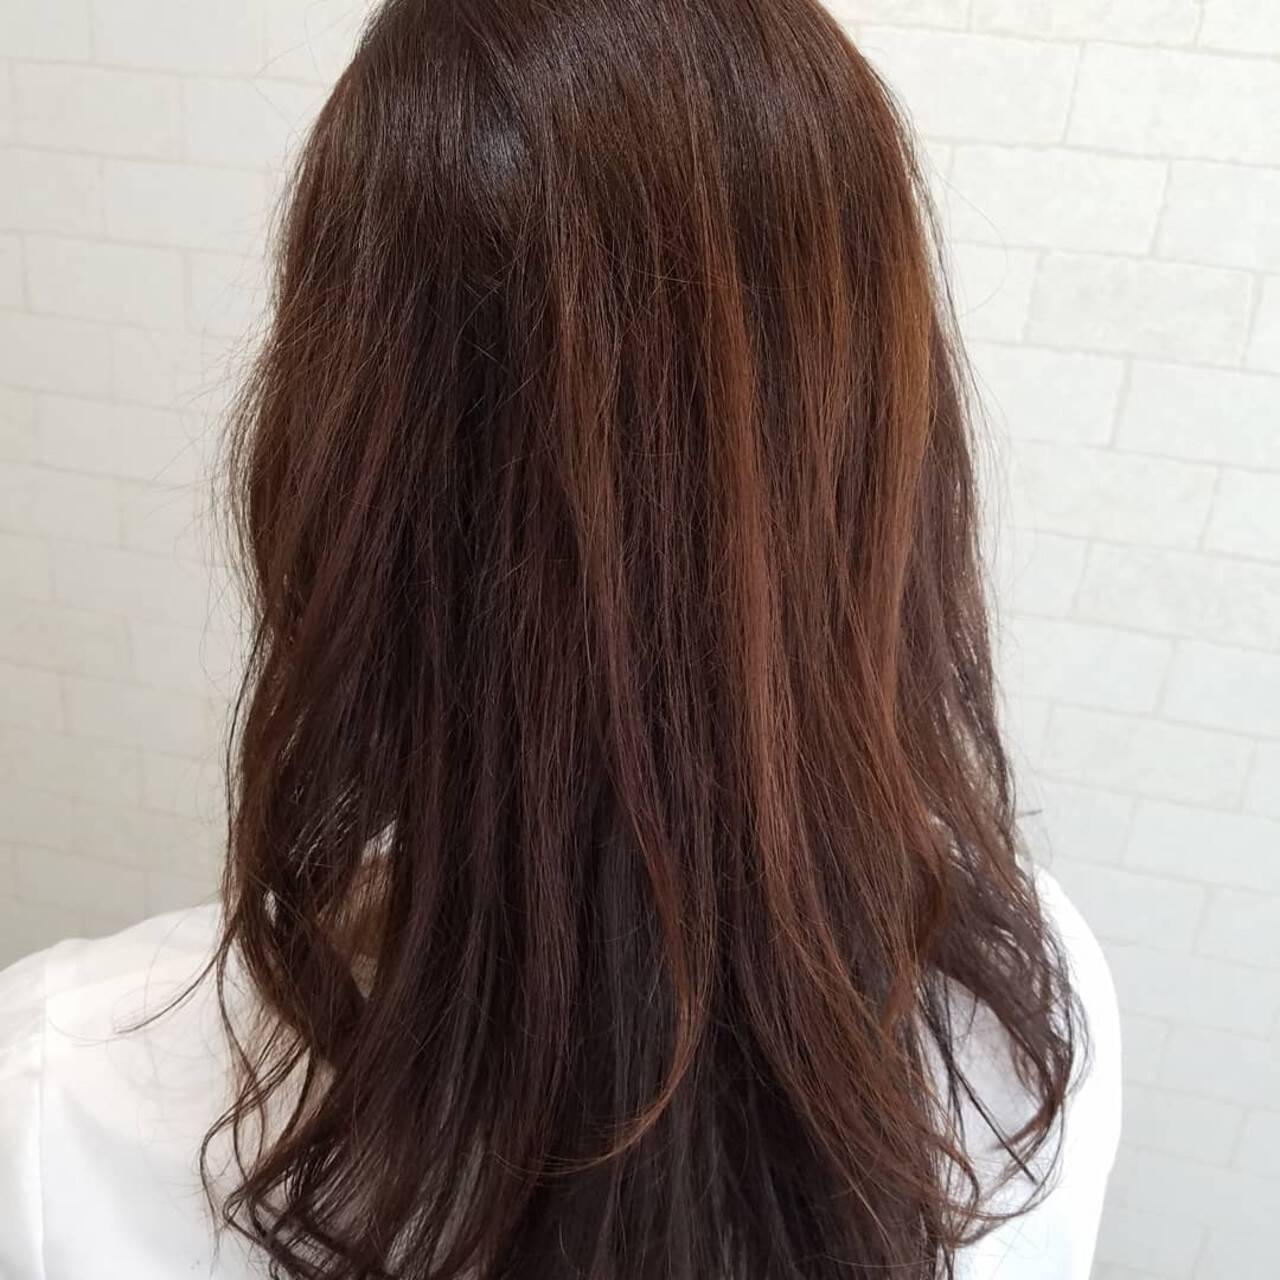 艶髪 ストカール 髪質改善 ロングヘアスタイルや髪型の写真・画像